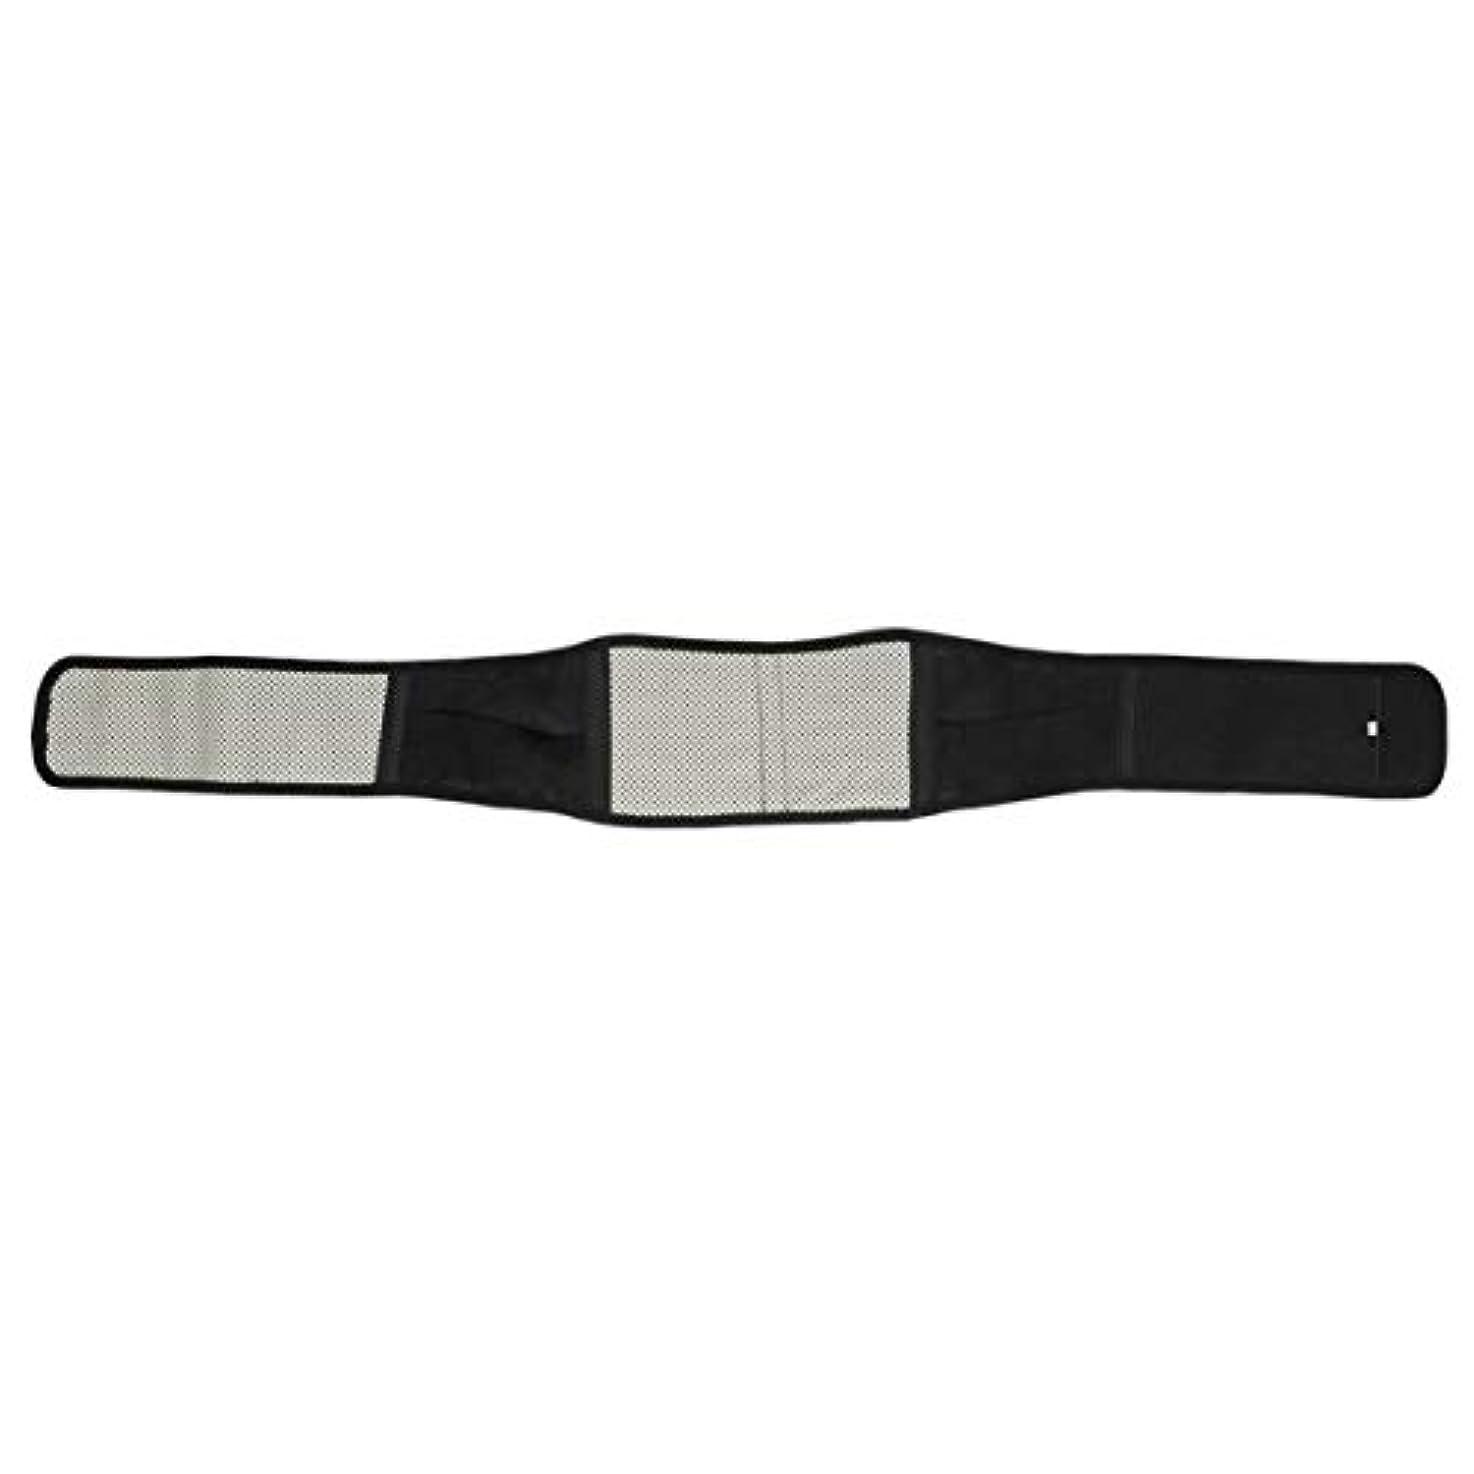 はげに賛成誤解する腰部サポートマッサージャー赤外線磁気バックブレース自己発熱療法ウエストベルト調節可能な姿勢ベルト-ブラックM